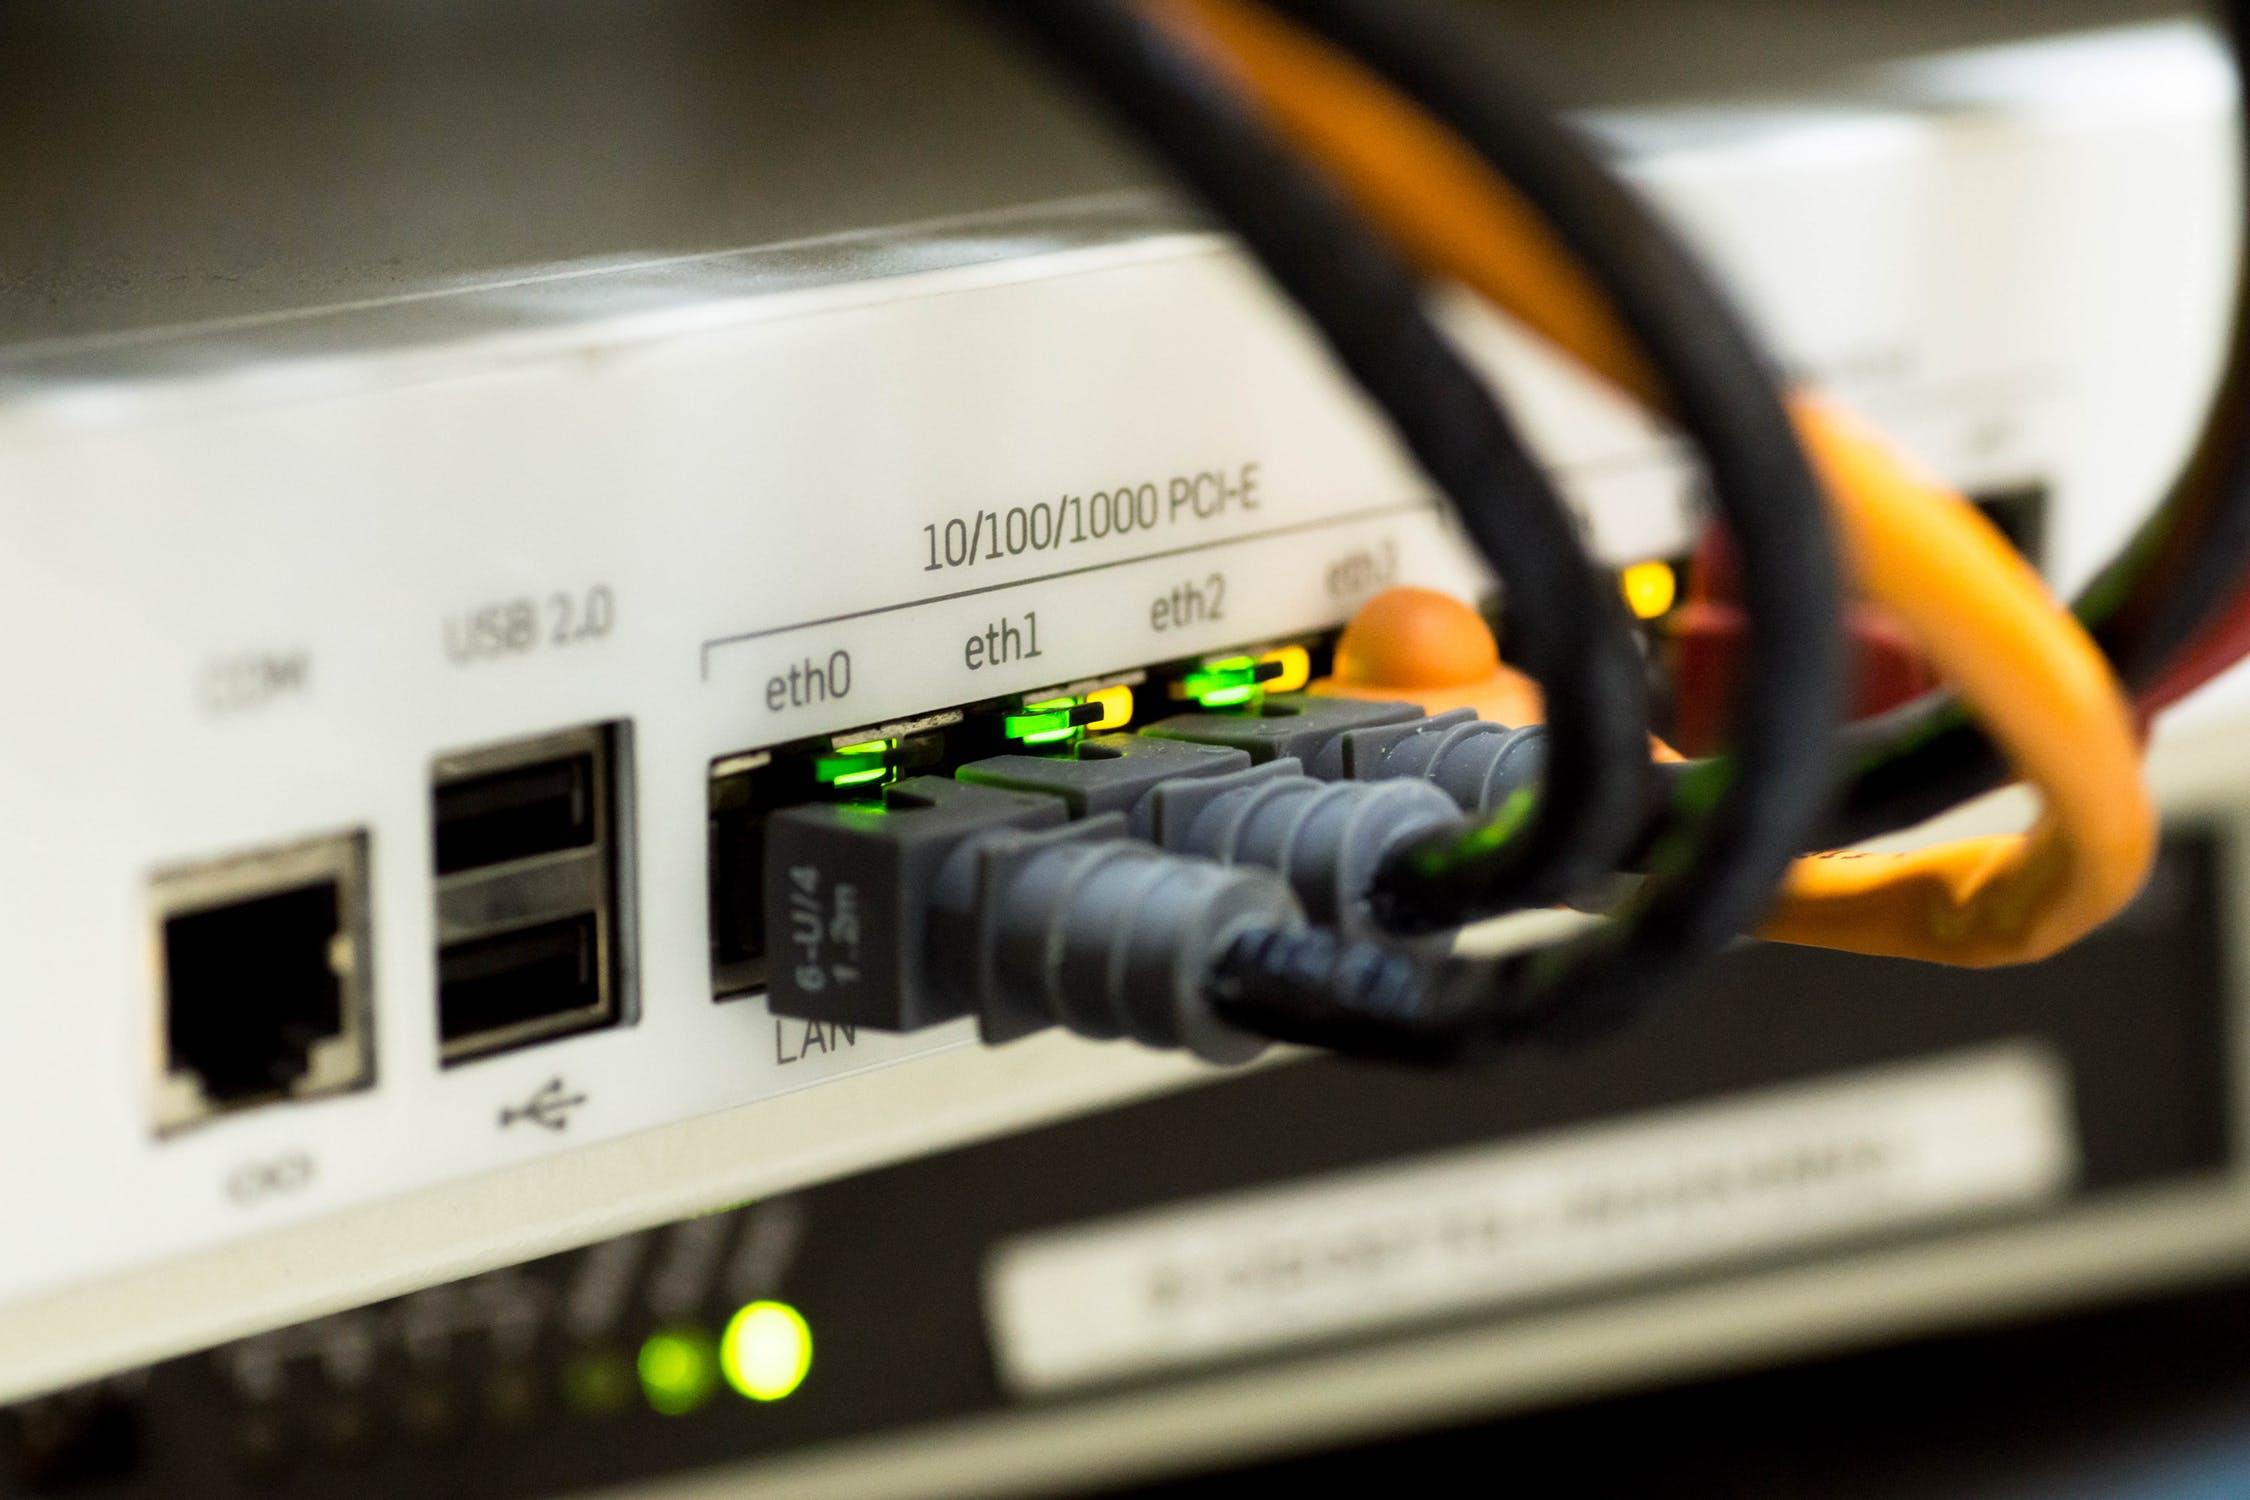 bagsiden af router